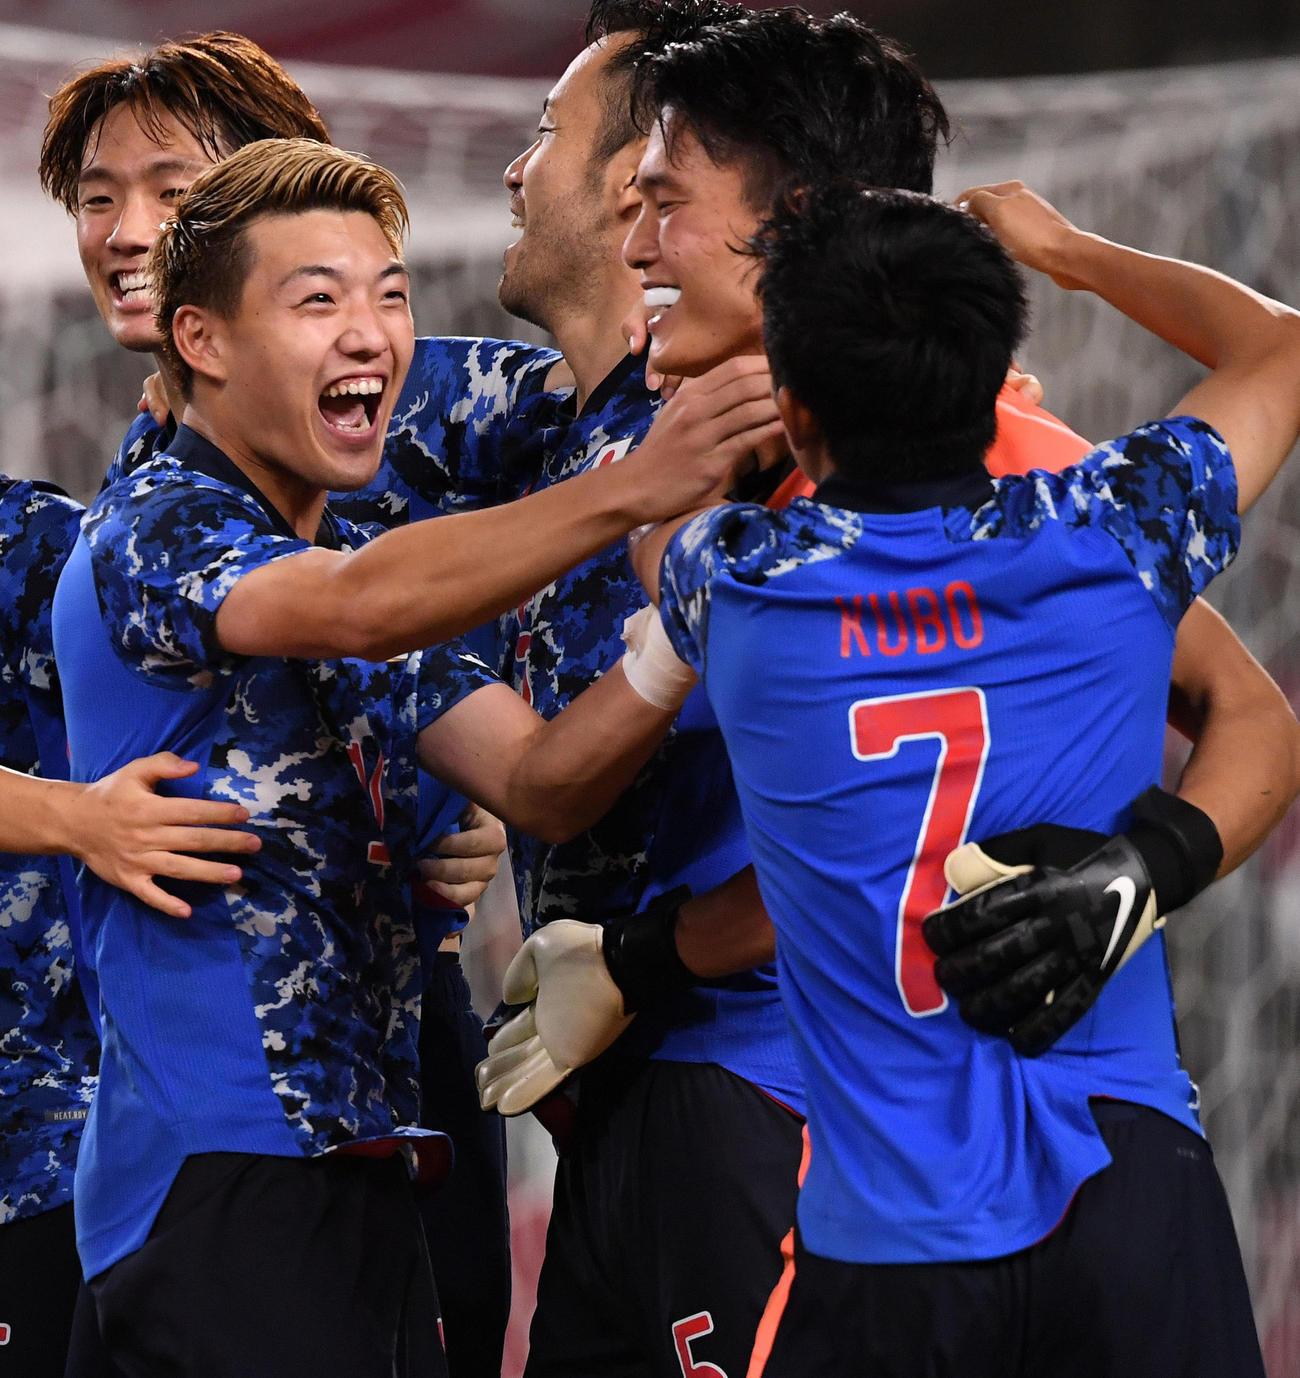 日本対ニュージーランド PK戦の勝利に貢献したGK谷(右から2人目)に笑顔で抱きつく堂安(同4人目)や久保(右)(撮影・横山健太)